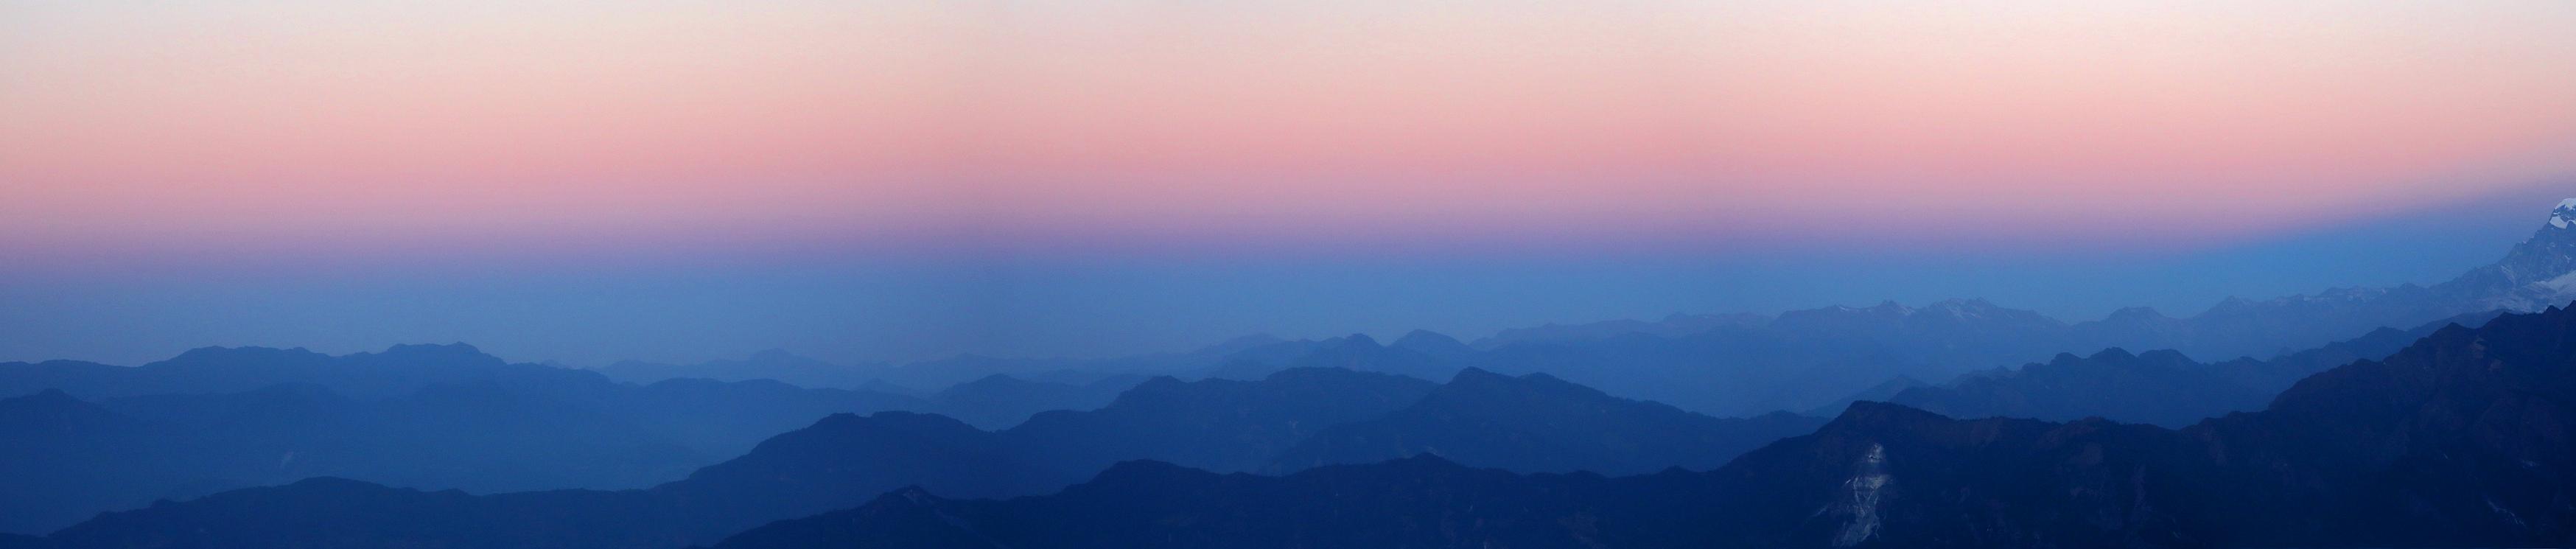 Панорама_рассвет в Гималаях75